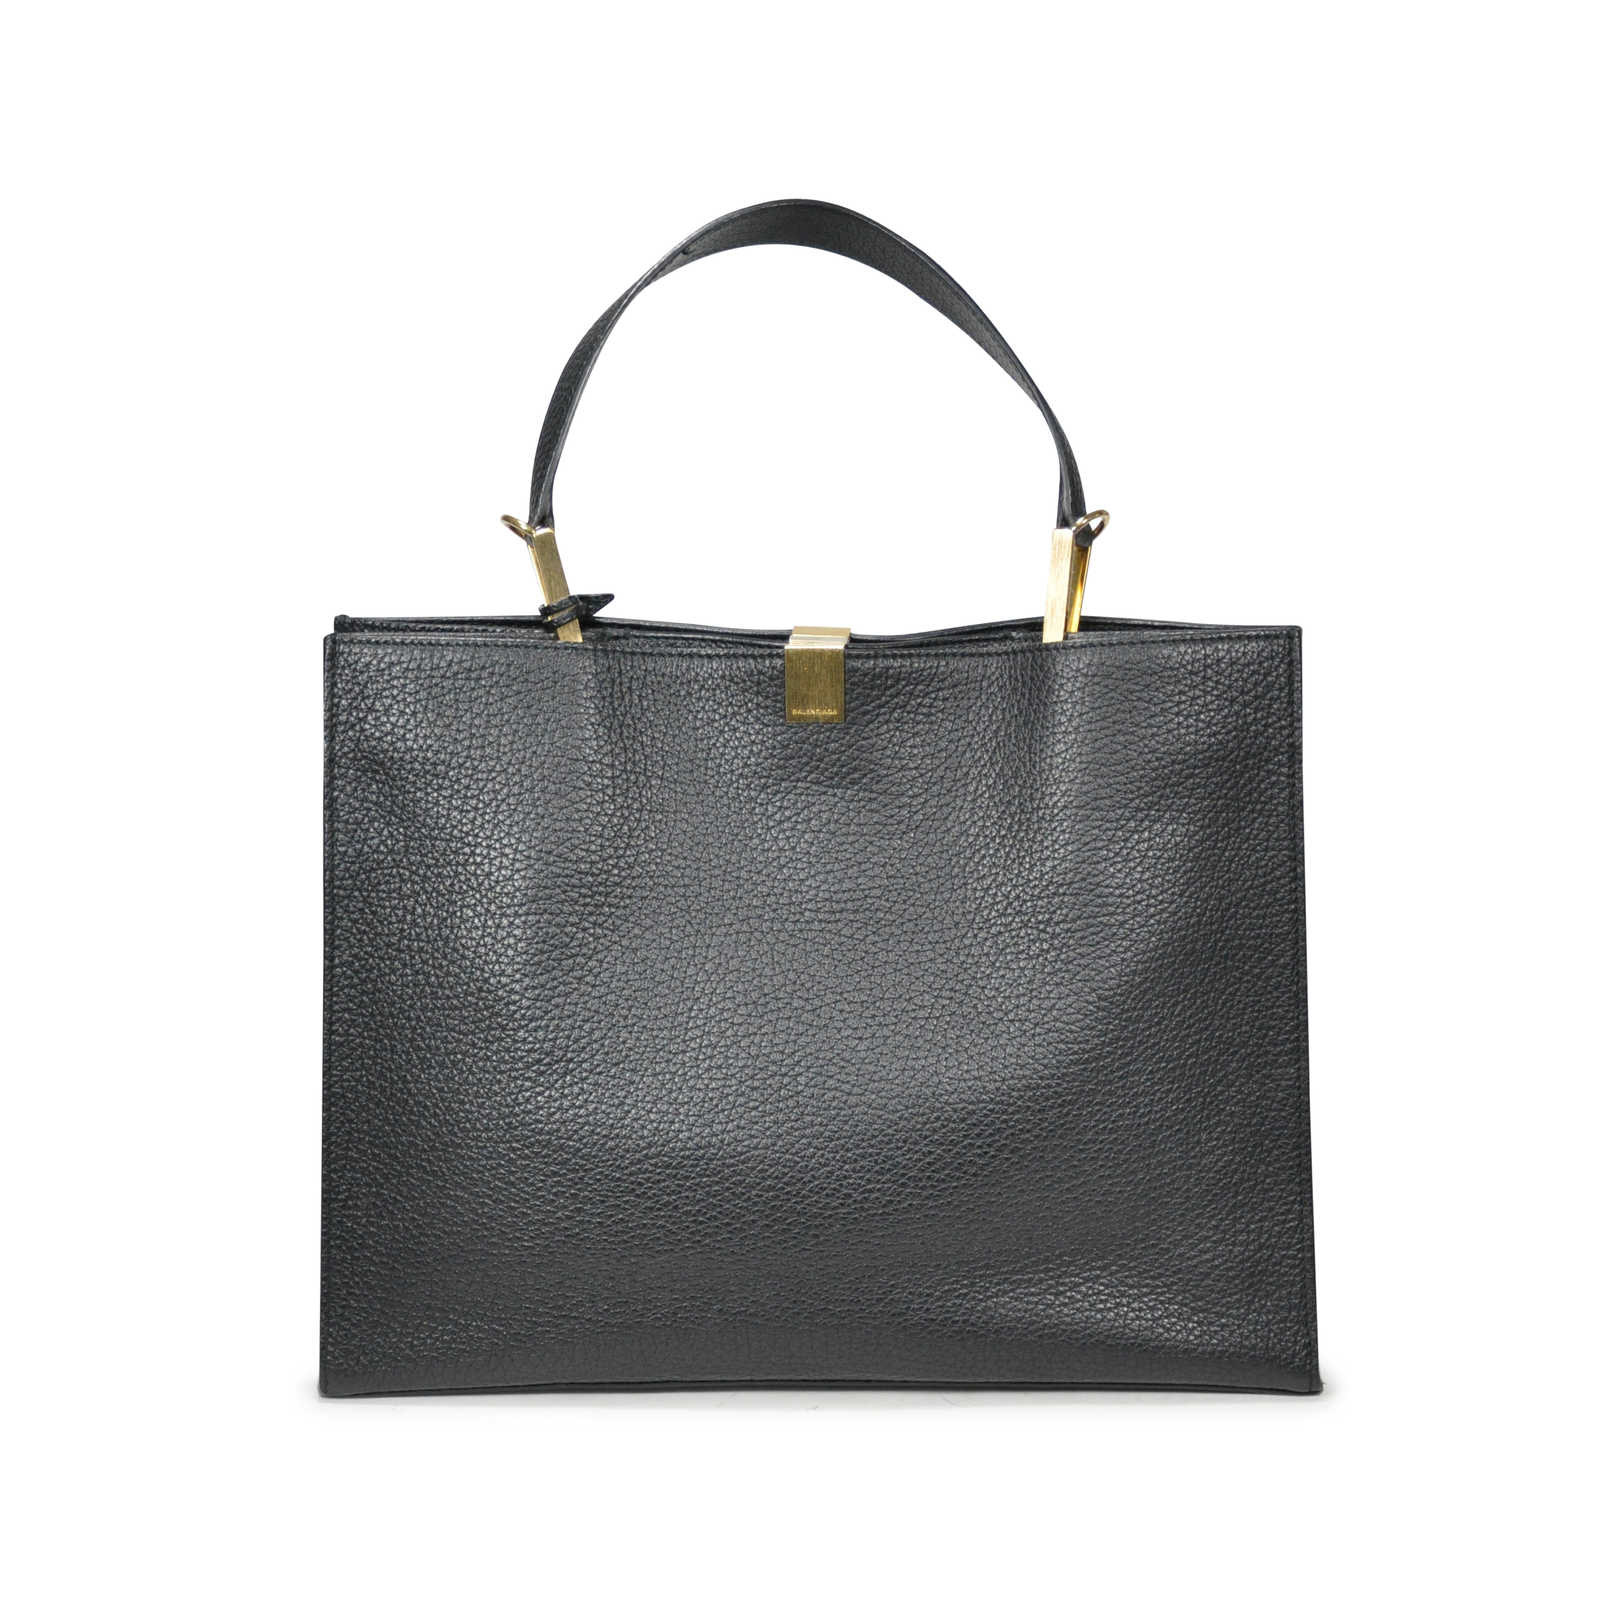 e5ec3be1354d ... Authentic Second Hand Céline Nano Luggage Bag (PSS-183-00038) -  Thumbnail ...